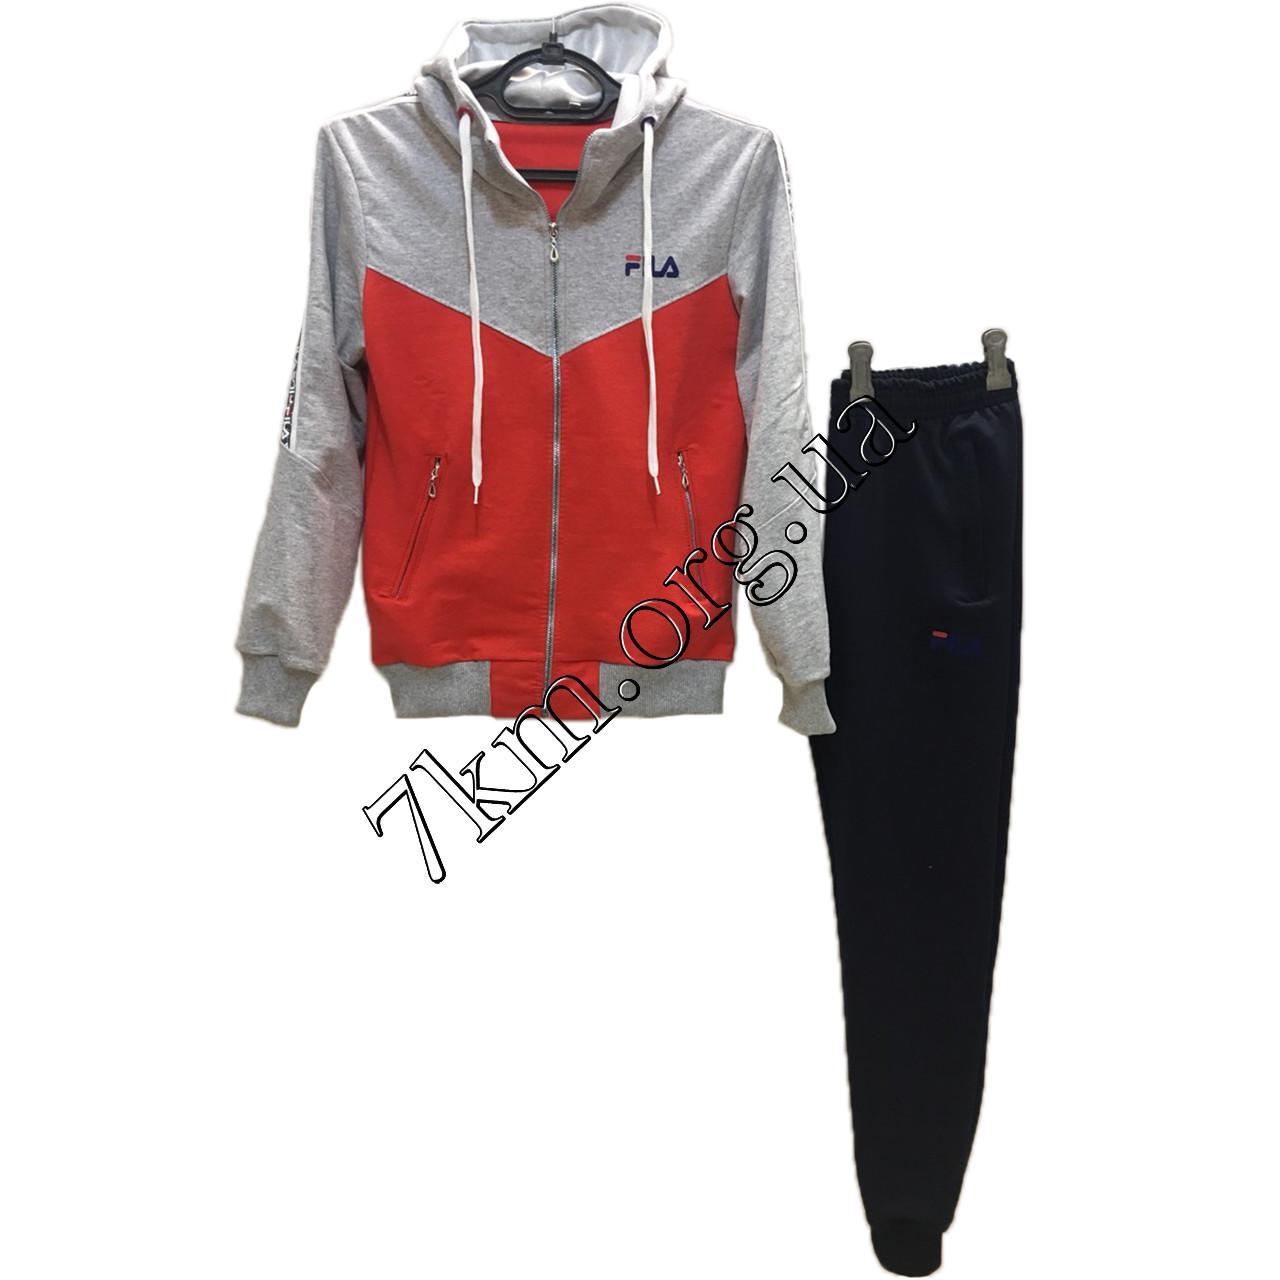 """Спортивный костюм подростковый реплика """"Fila"""" для мальчиков и девочек 10-16 лет Оптом 210712"""